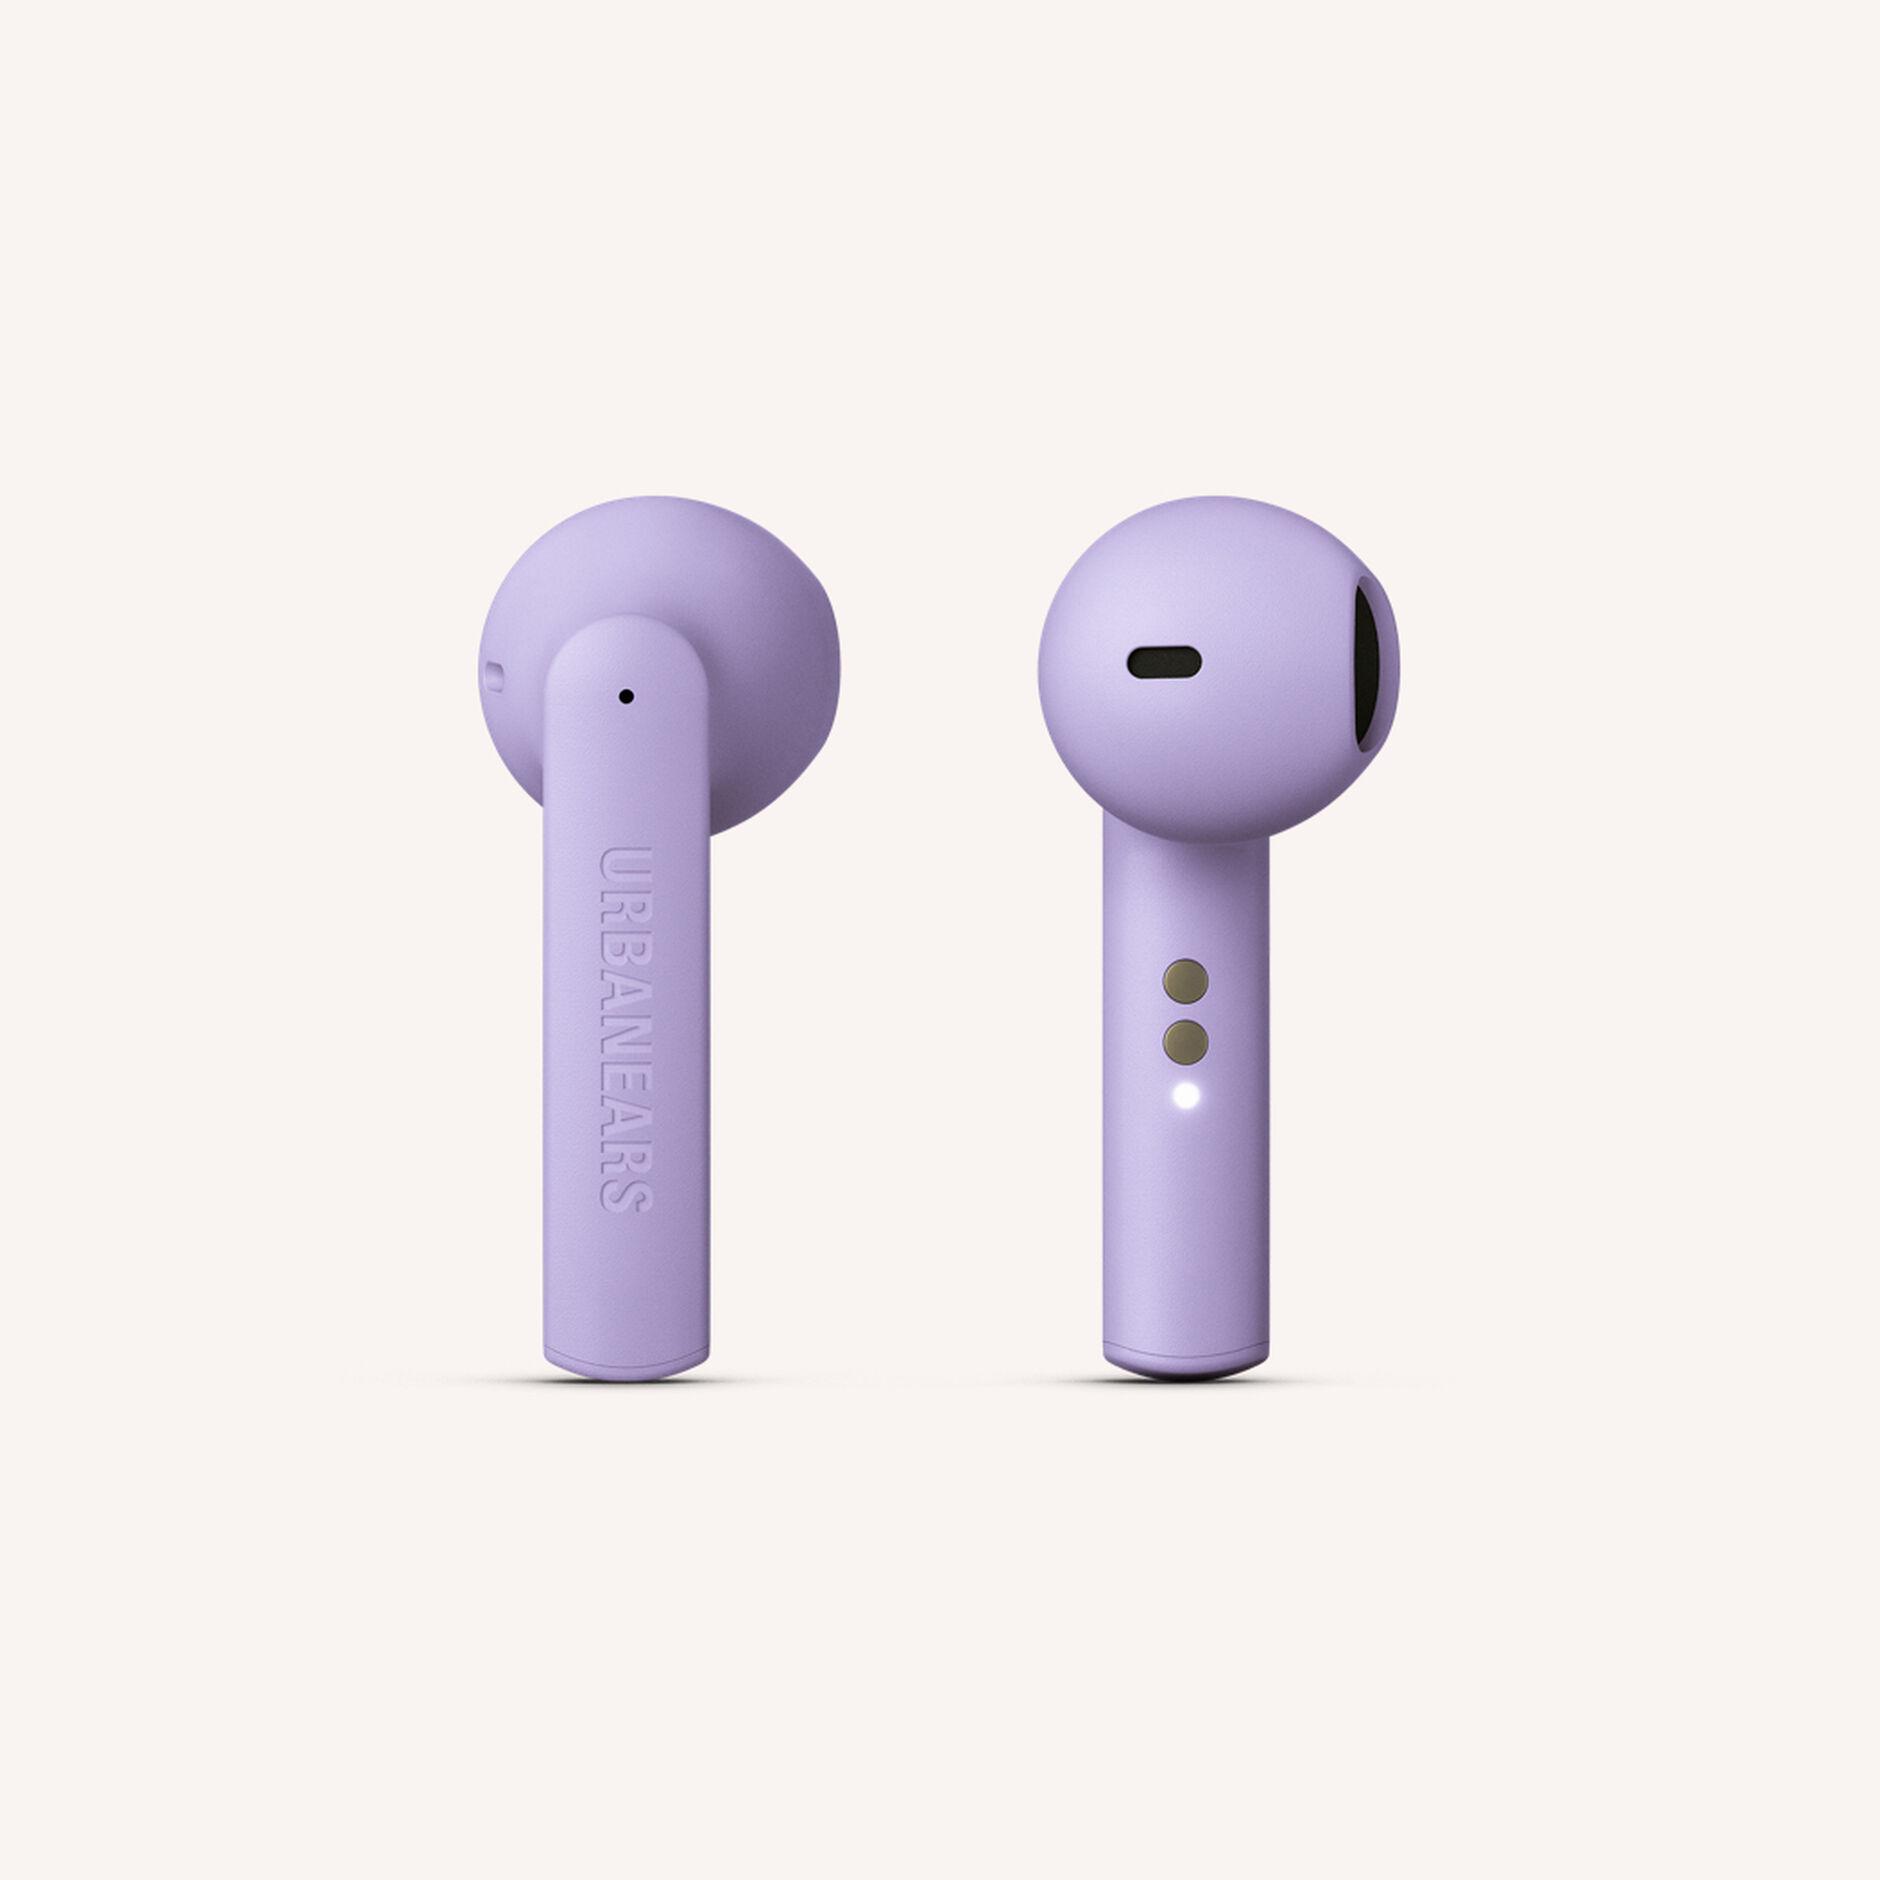 Urbanears Luna Wireless Earbuds - Ultra Violet